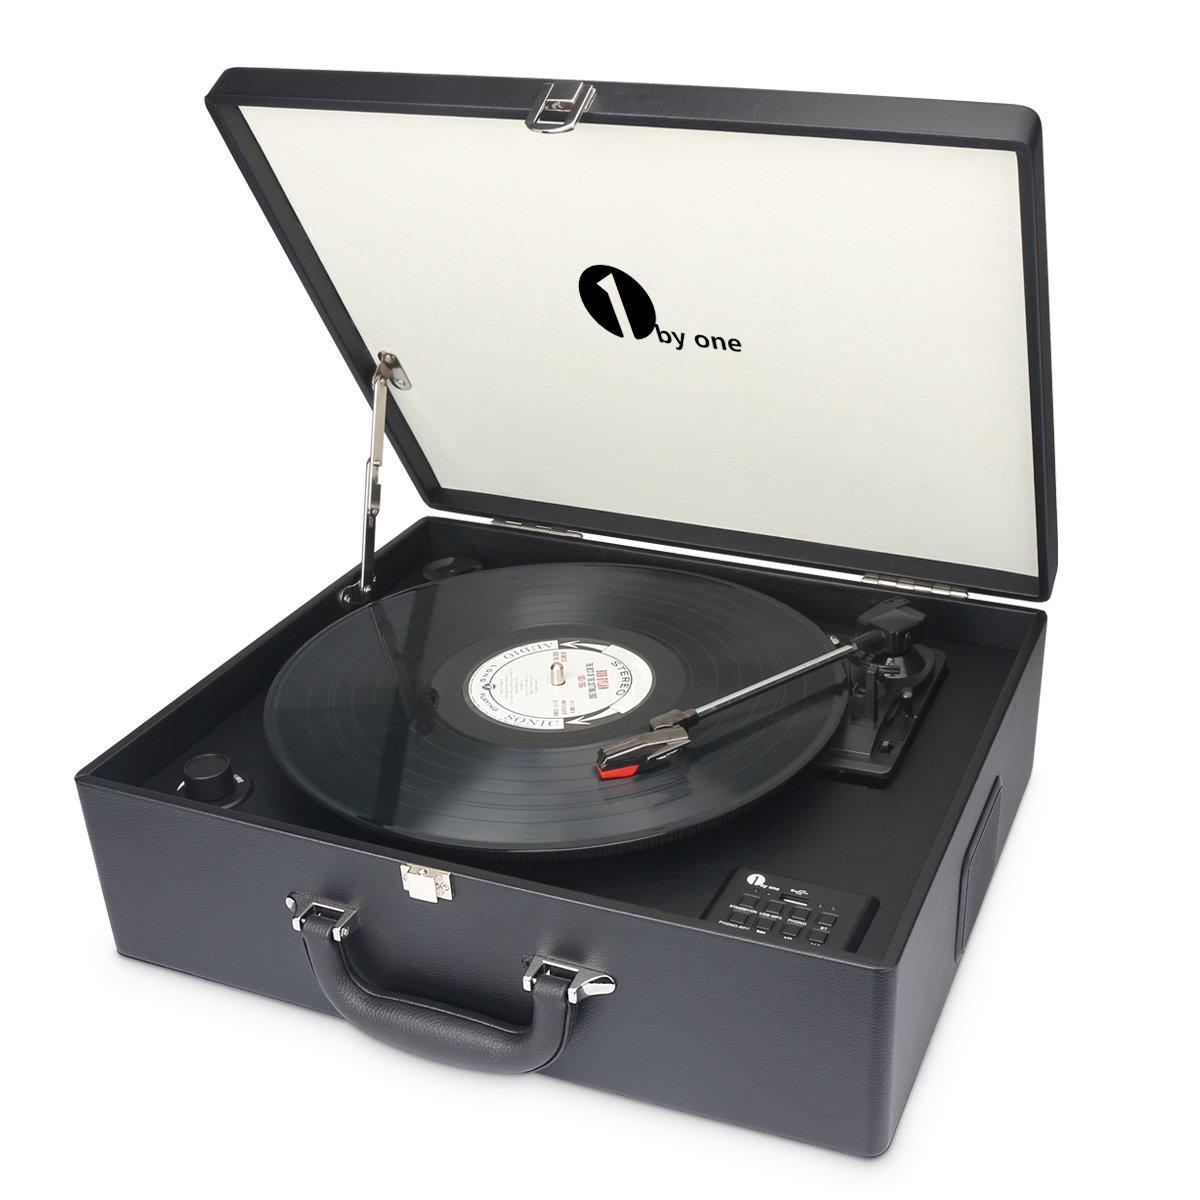 Nero USB per MP3 AUX In e uscita RCA Registra da Vinile a MP3 1byone Giradischi a Valigia con trazione a Cinghia 3 Velocit/à e Altoparlante Integrato Bluetooth